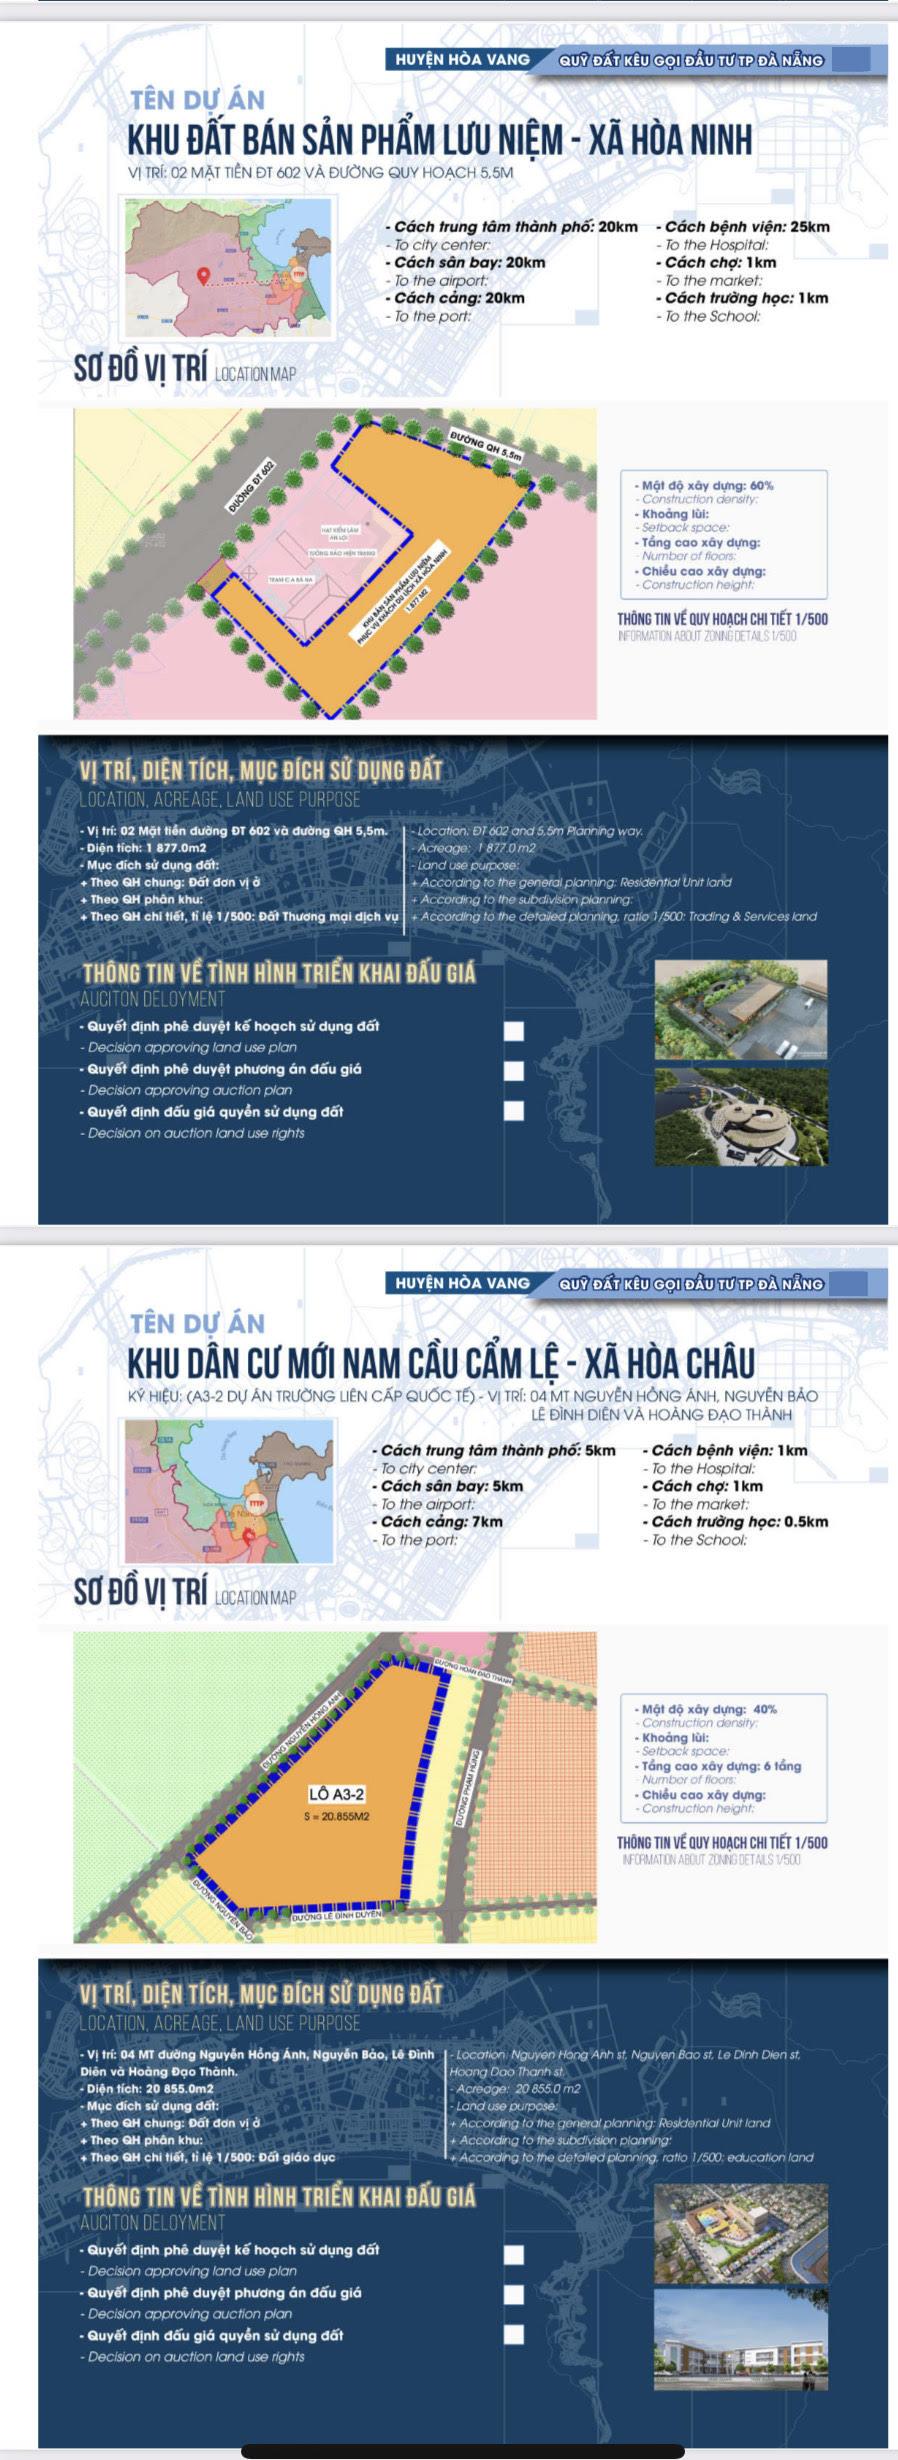 Sau sốt đất, Đà Nẵng bất ngờ công bố chi tiết 22 khu đất sạch kêu gọi đầu tư - Ảnh 9.